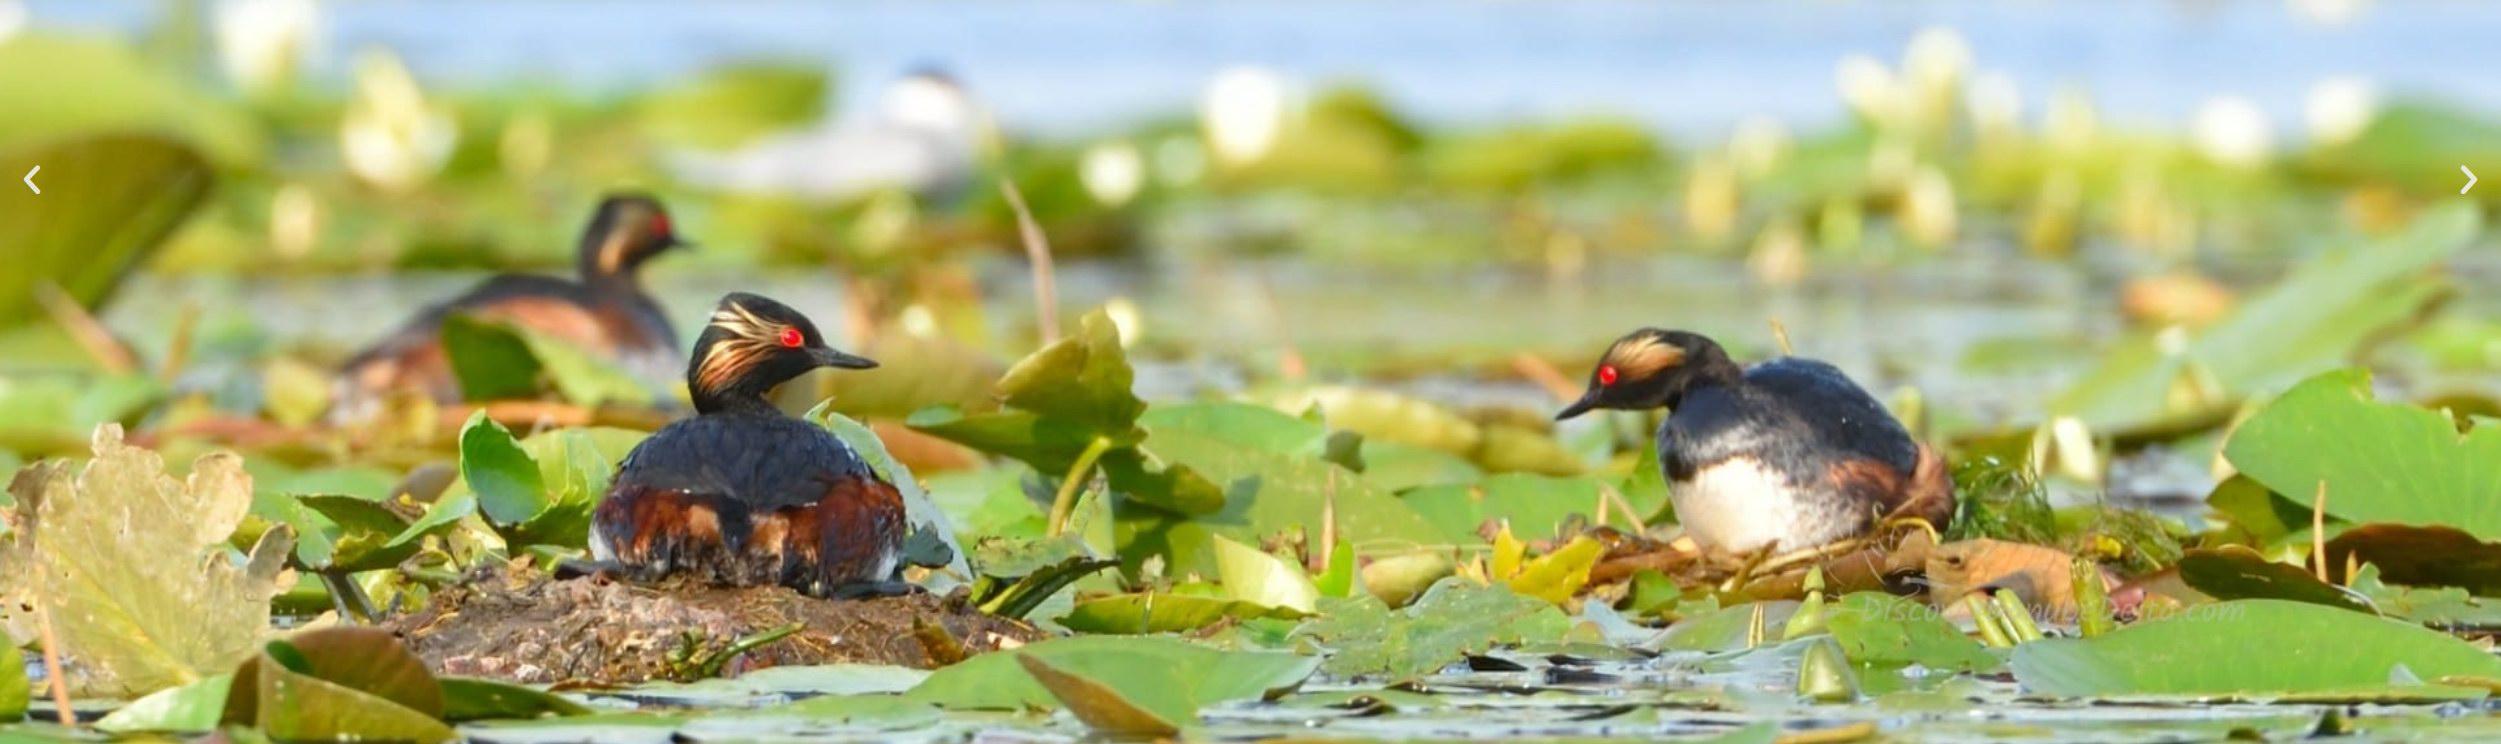 Duna Delta - Természetbúvároknak kínált programok: madarak megfigyelése, filmezése, fényképezése